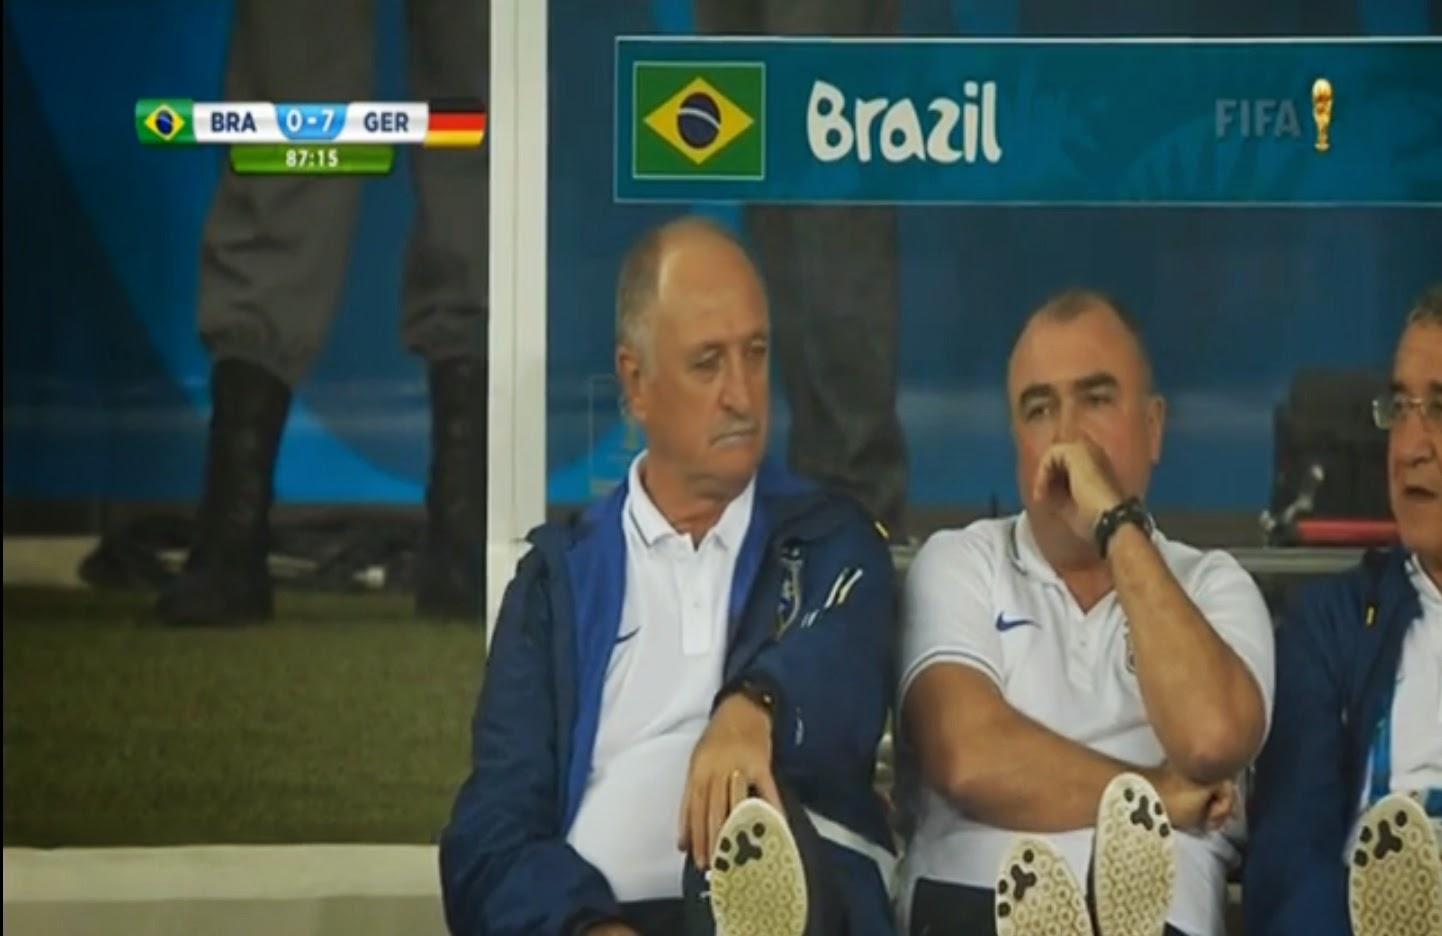 тренер бразильцев Сколари (слева)